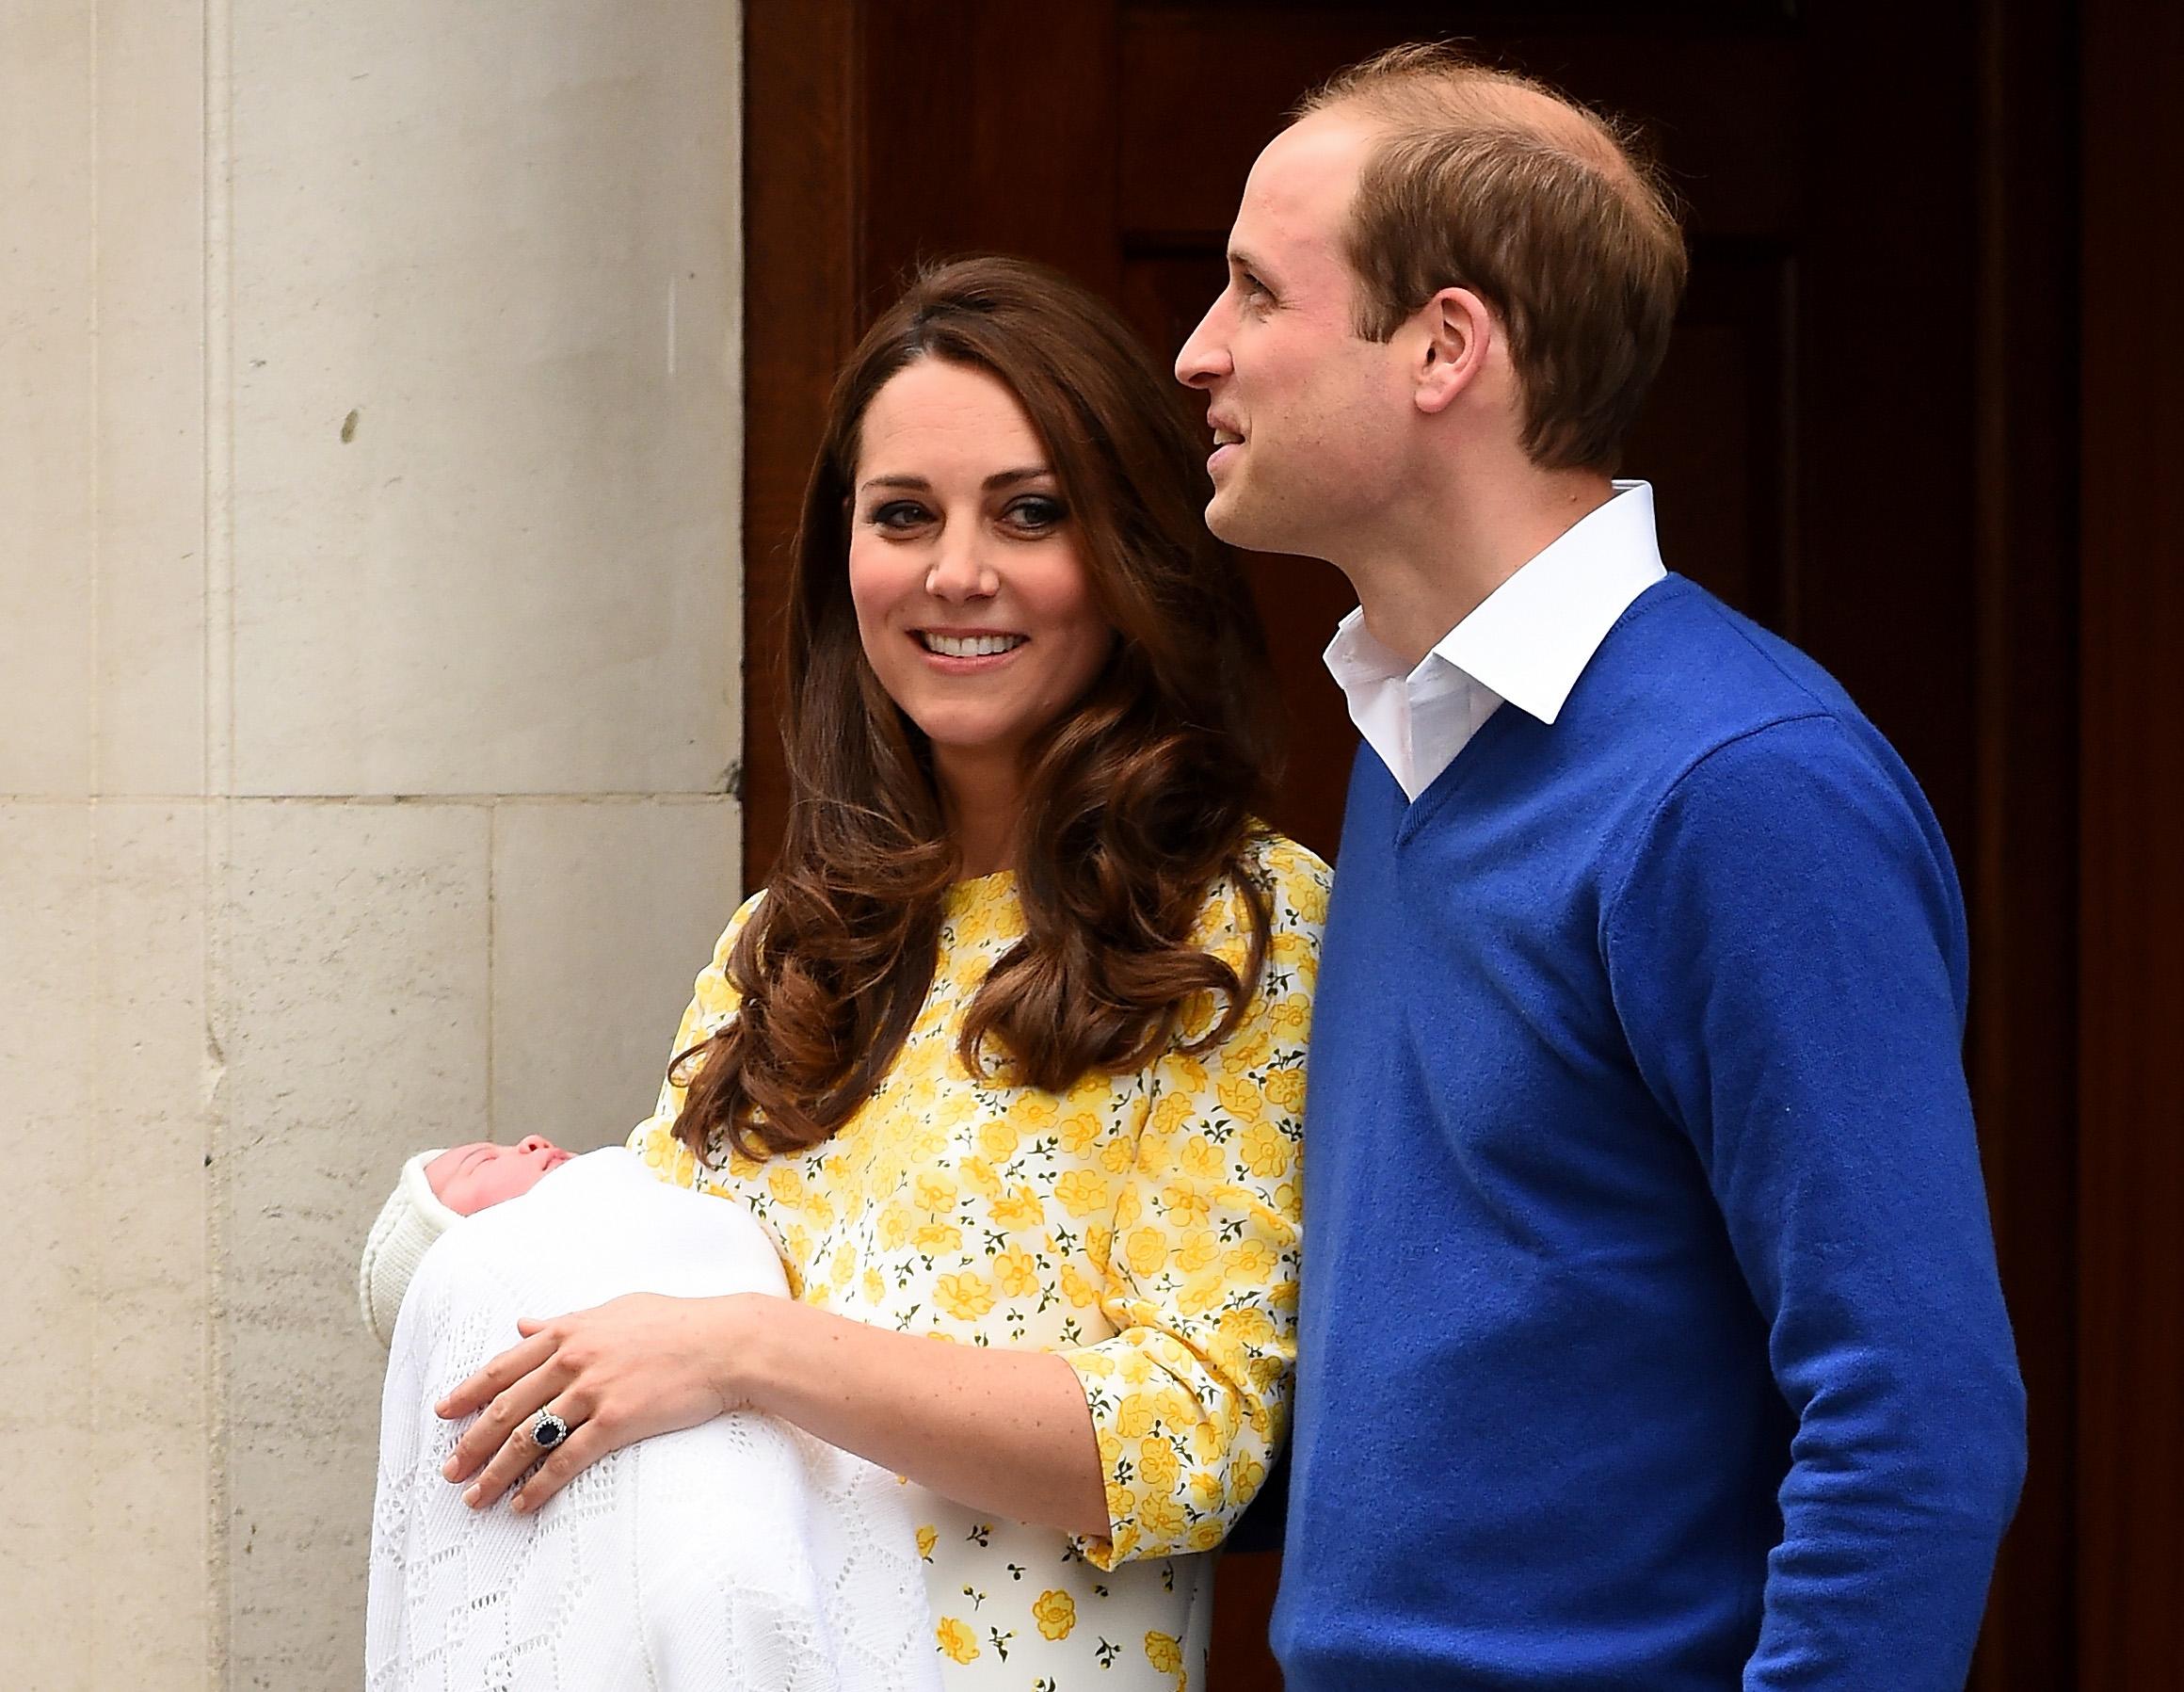 Kate Middleton e príncipe William deixando a maternidade após o nascimento de Charlotte